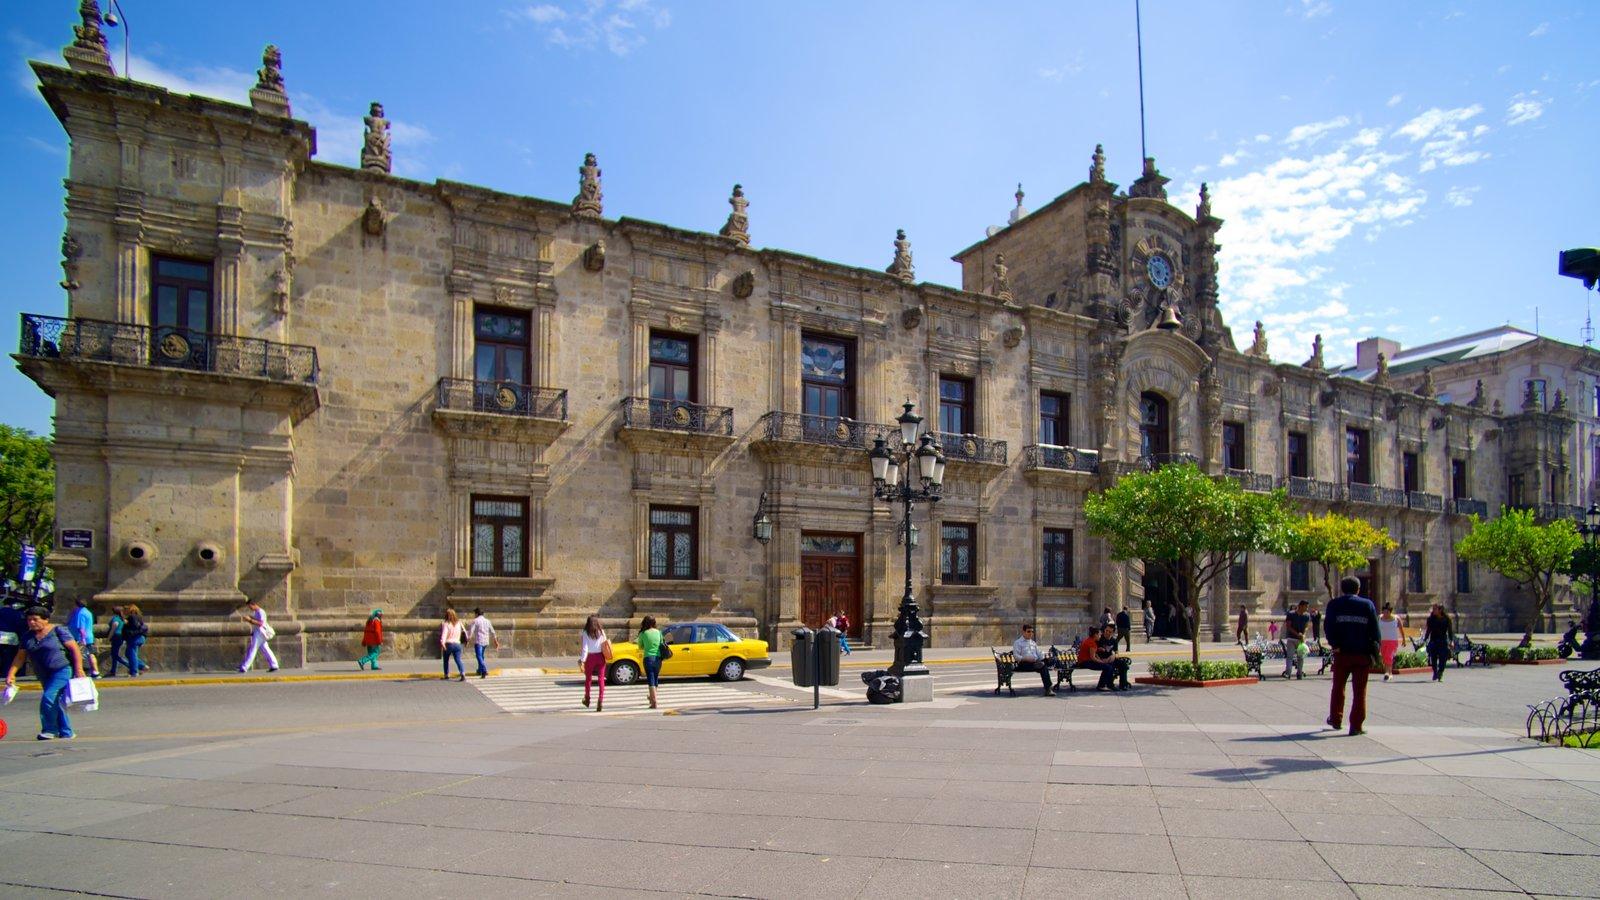 Fotos de Edificios histricos Ver imgenes de Guadalajara